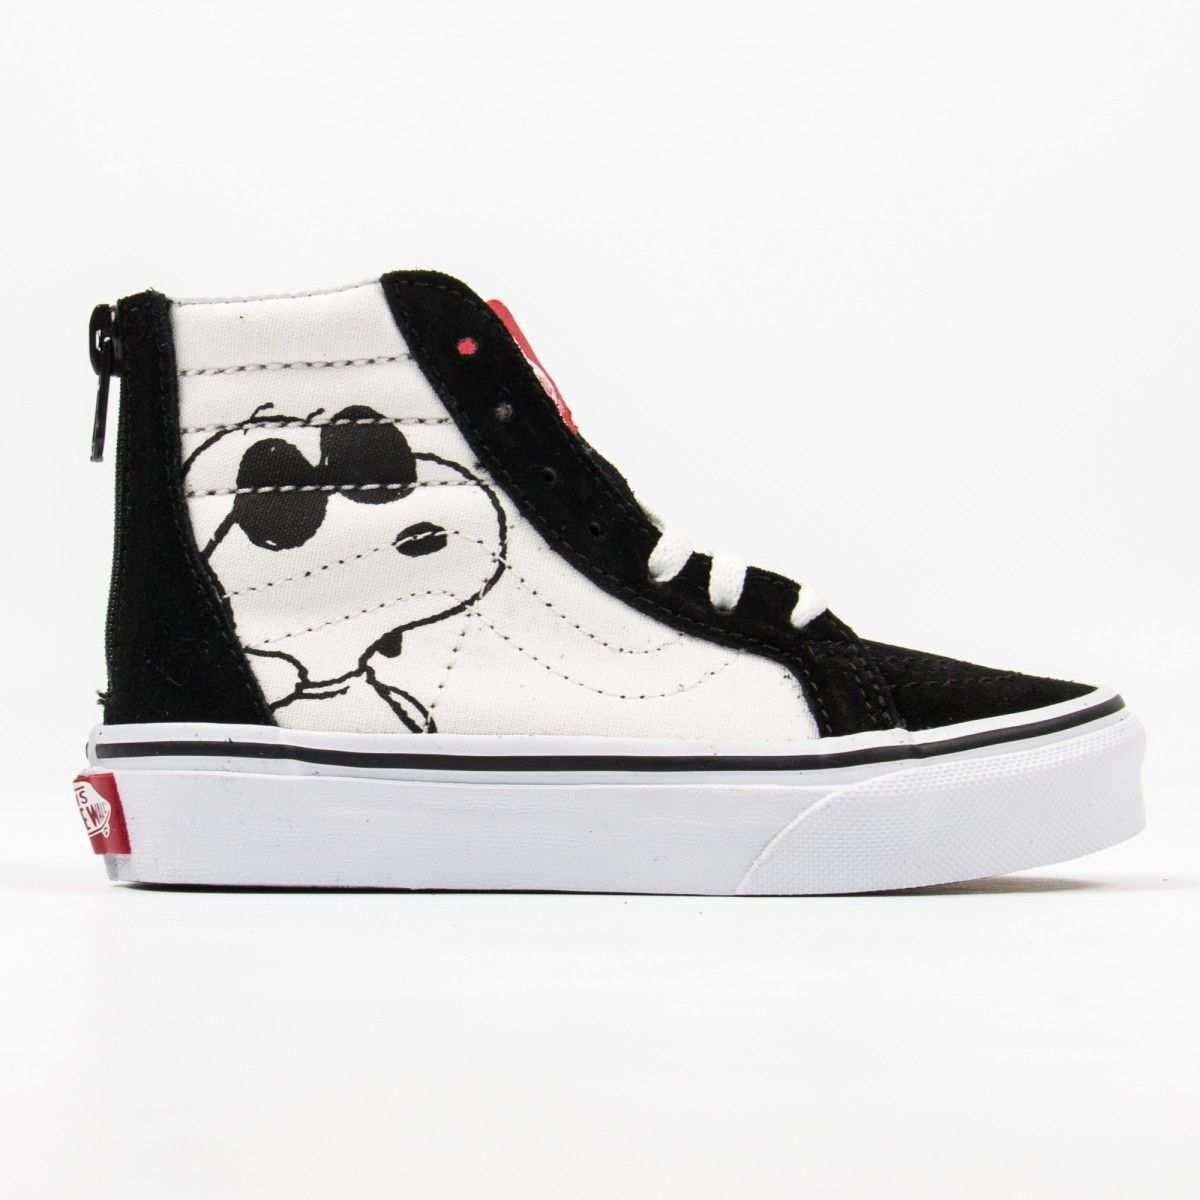 Vans Joe Cool Sk8 Hi Zip Schwarze Sneakers Mit Snoopy Print Kinder Schuhe Diy Schuhe Vans Schuhe